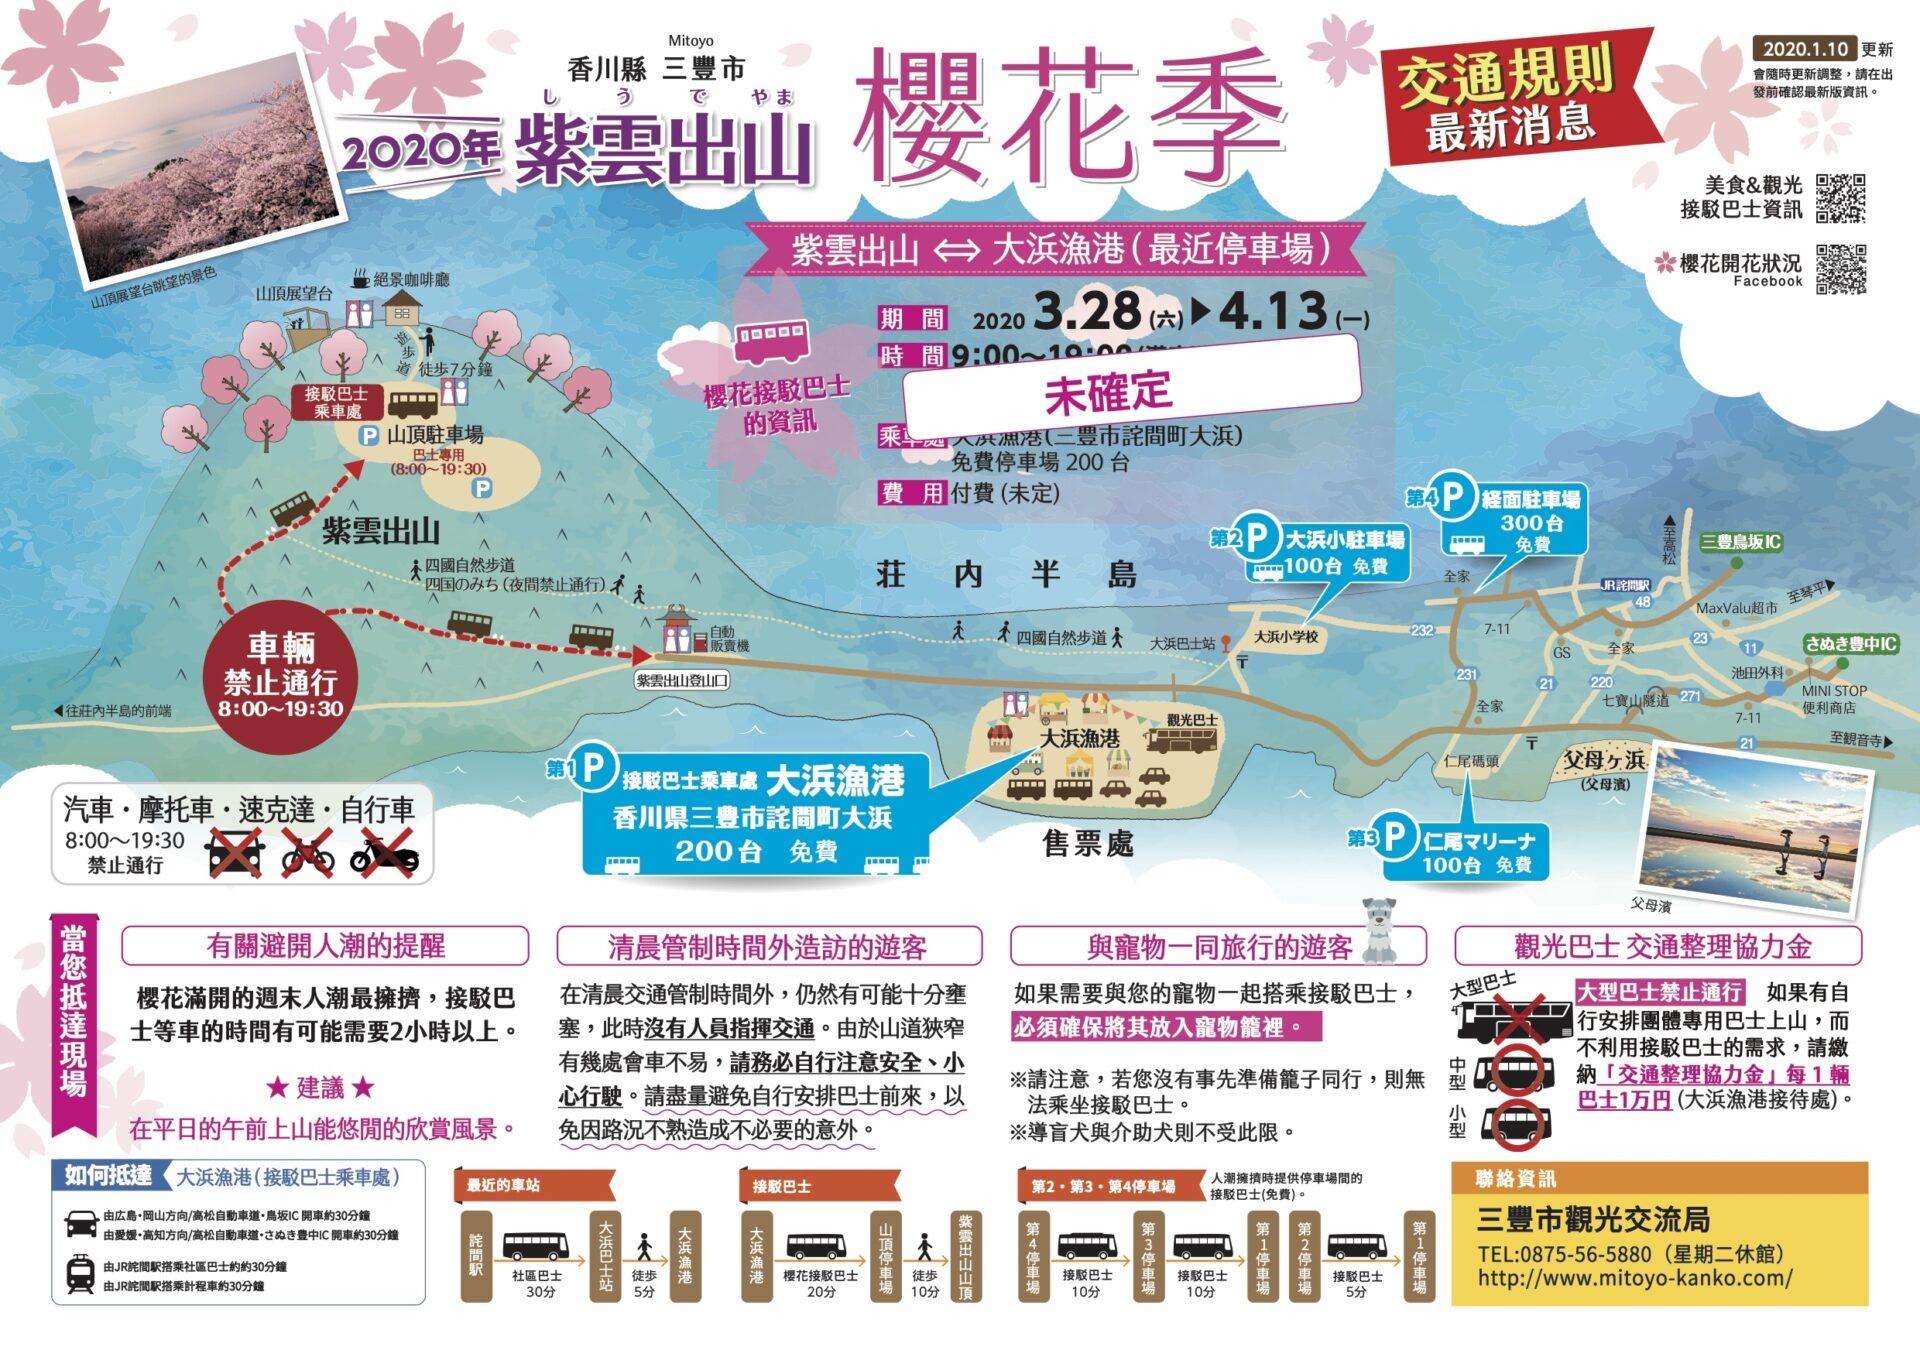 櫻花季交通規則 v2020.1.10